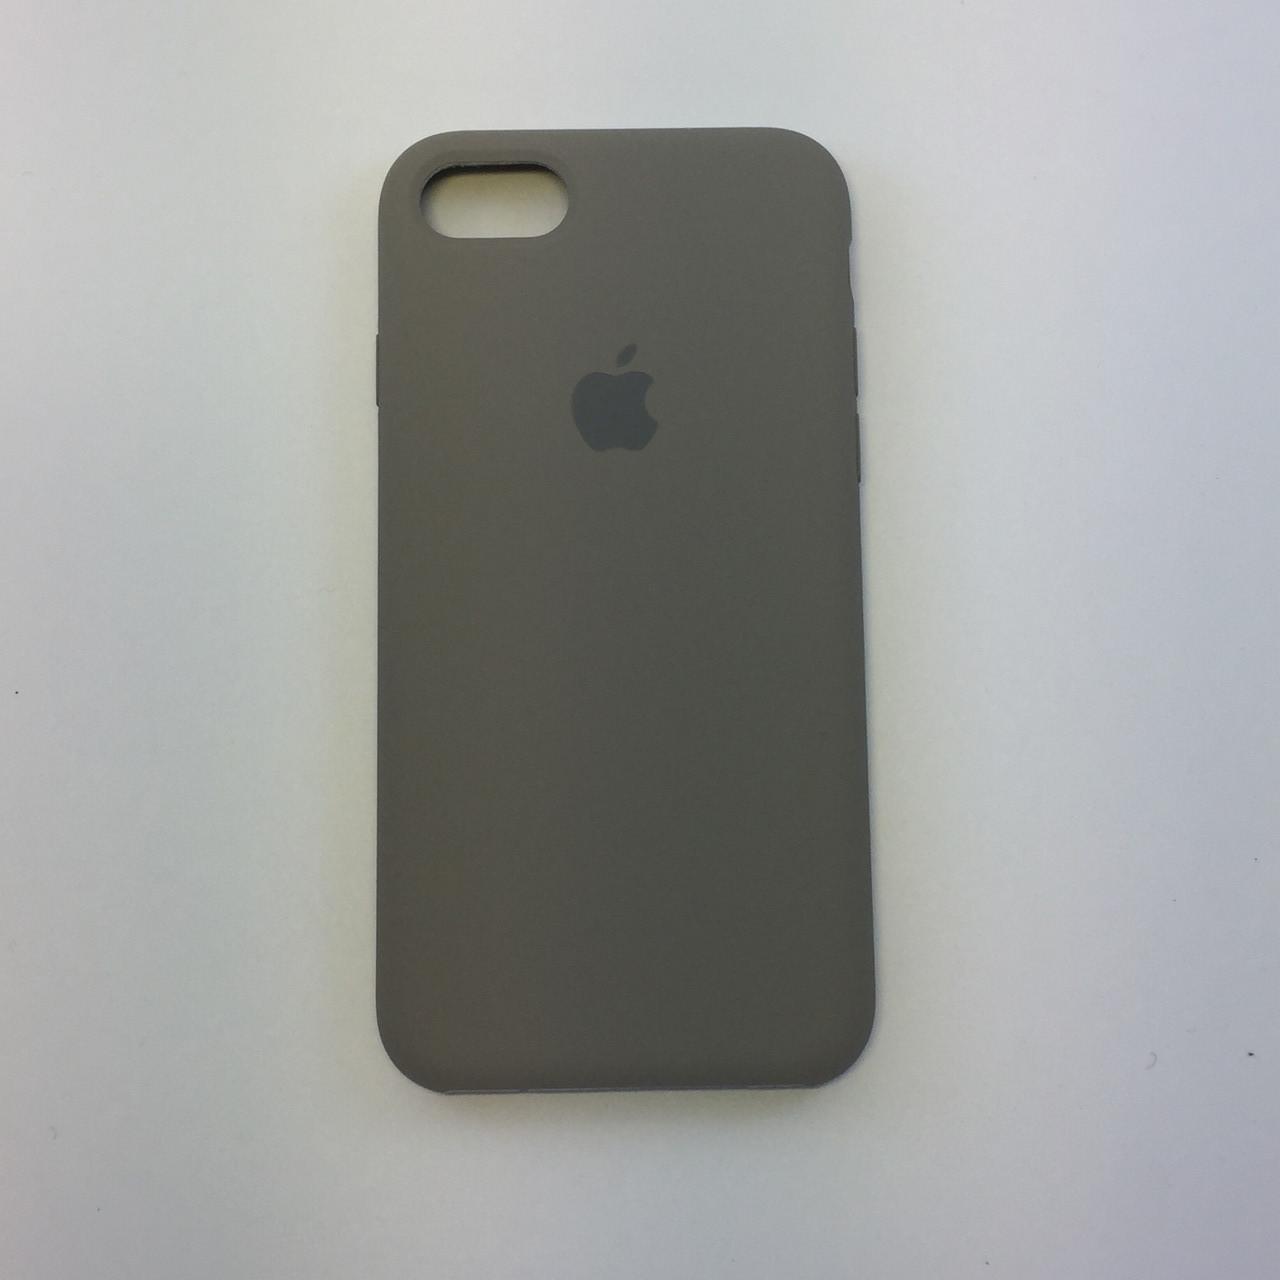 Силиконовый чехол iPhone 7 Plus / 8 Plus, темна олива, силикон, copy original